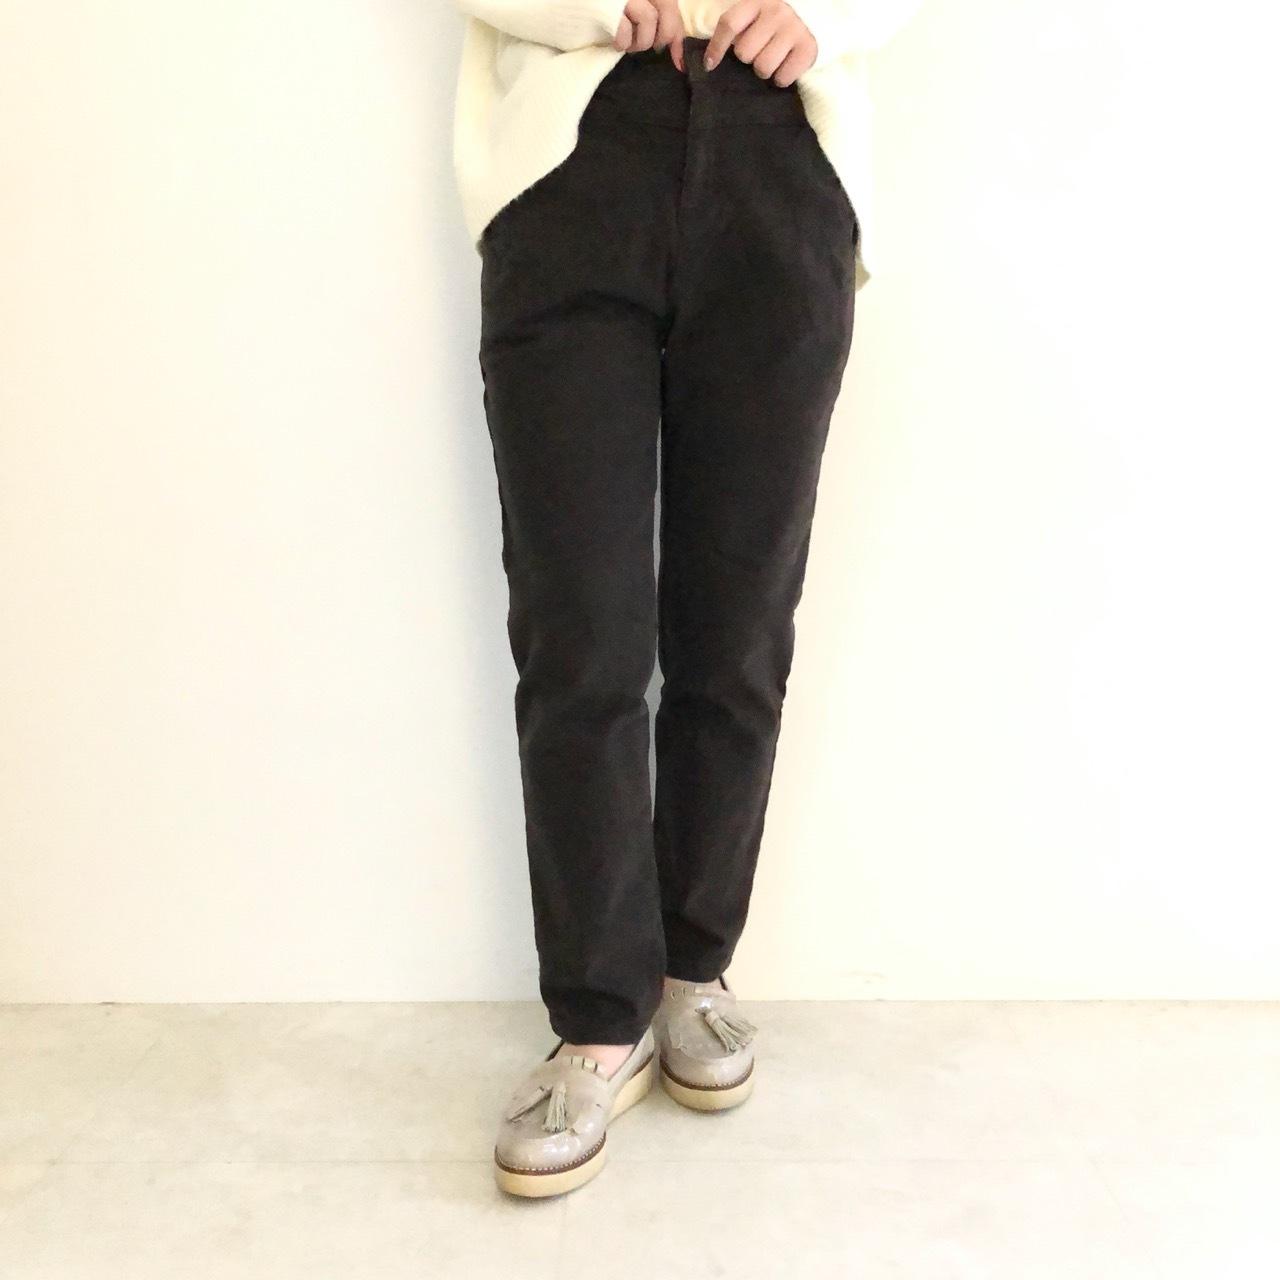 【 Praia 】- 1911 - warm pants